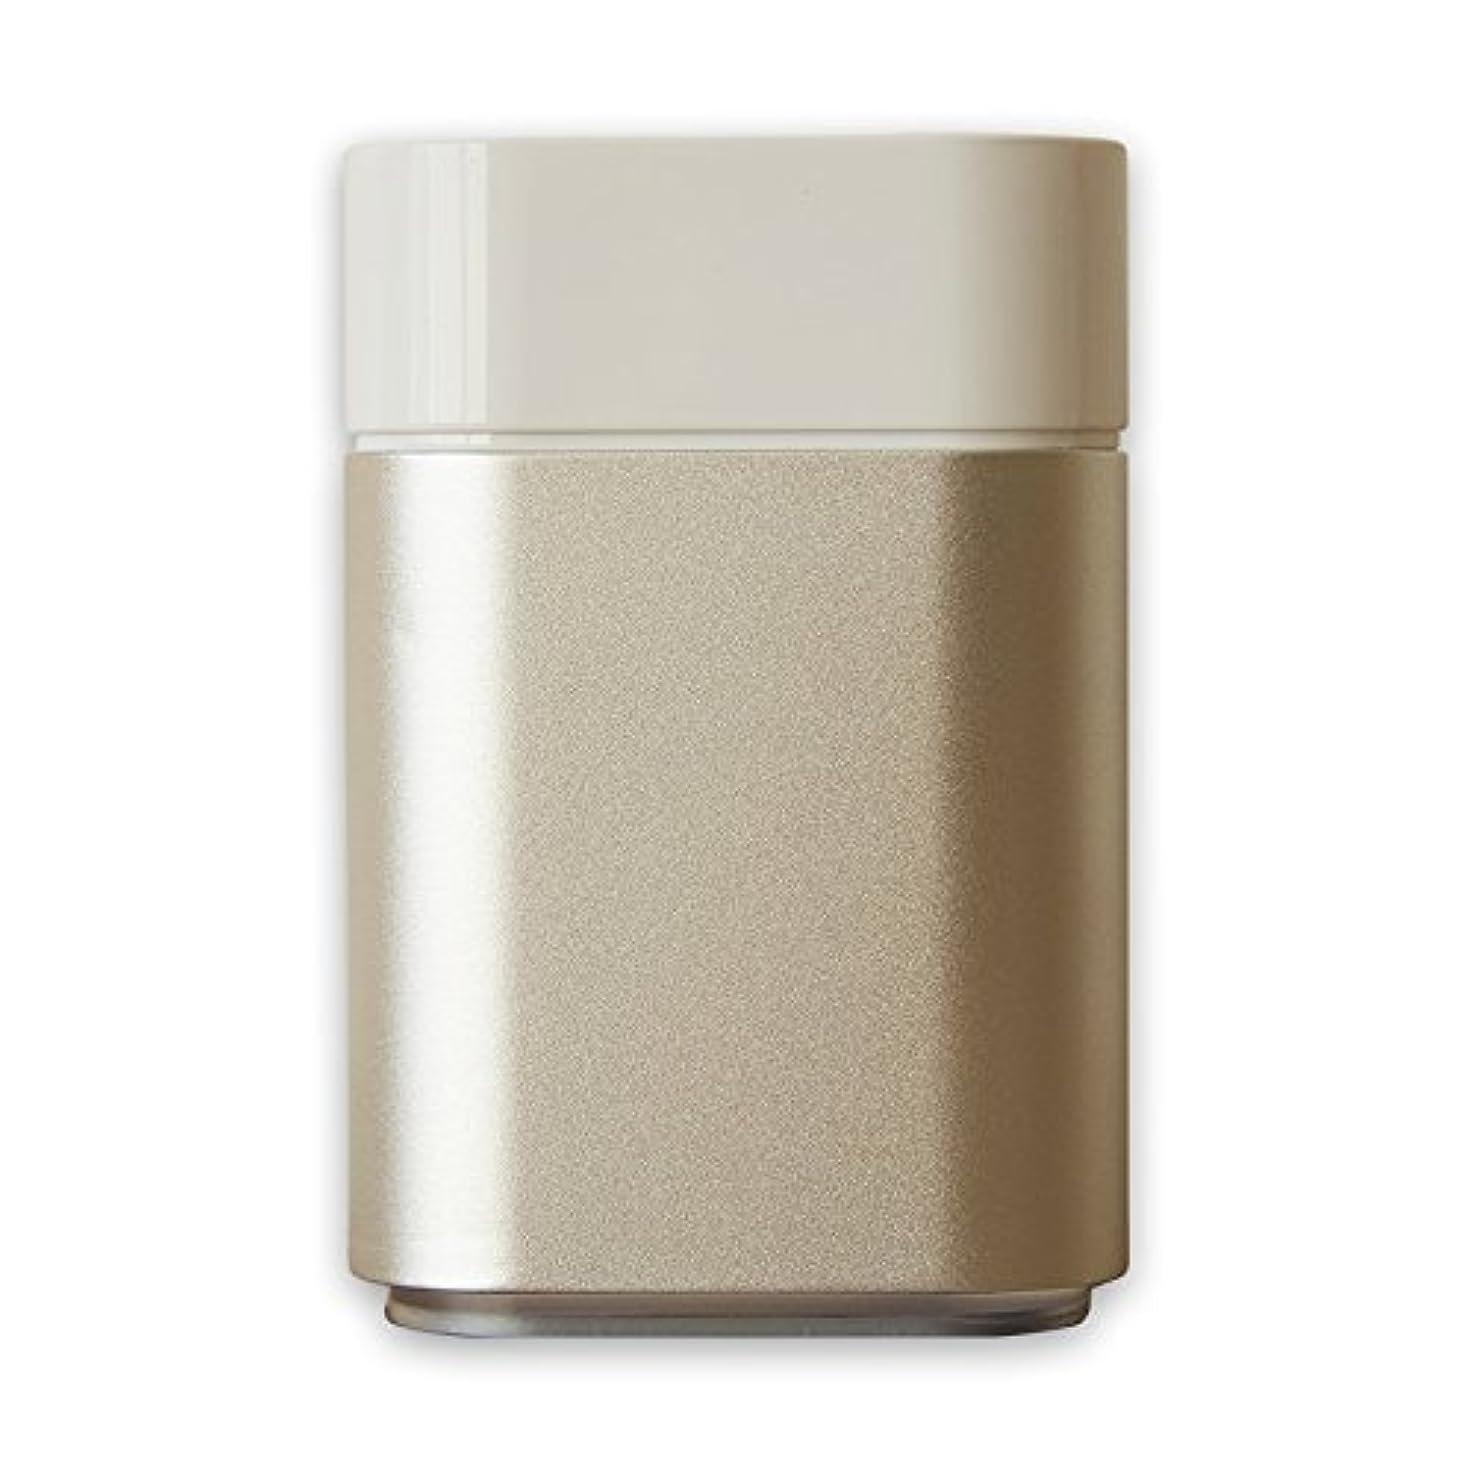 獲物プロテスタント順番アロマディフューザー UR-AROMA04 卓上 小型 Uruon(ウルオン)水を使わない アロマ ネブライザー式 水なし ダイレクトオイル 製油瓶直噴式 超音波式 USB 卓上 油性 水性 静音 アロマオイル